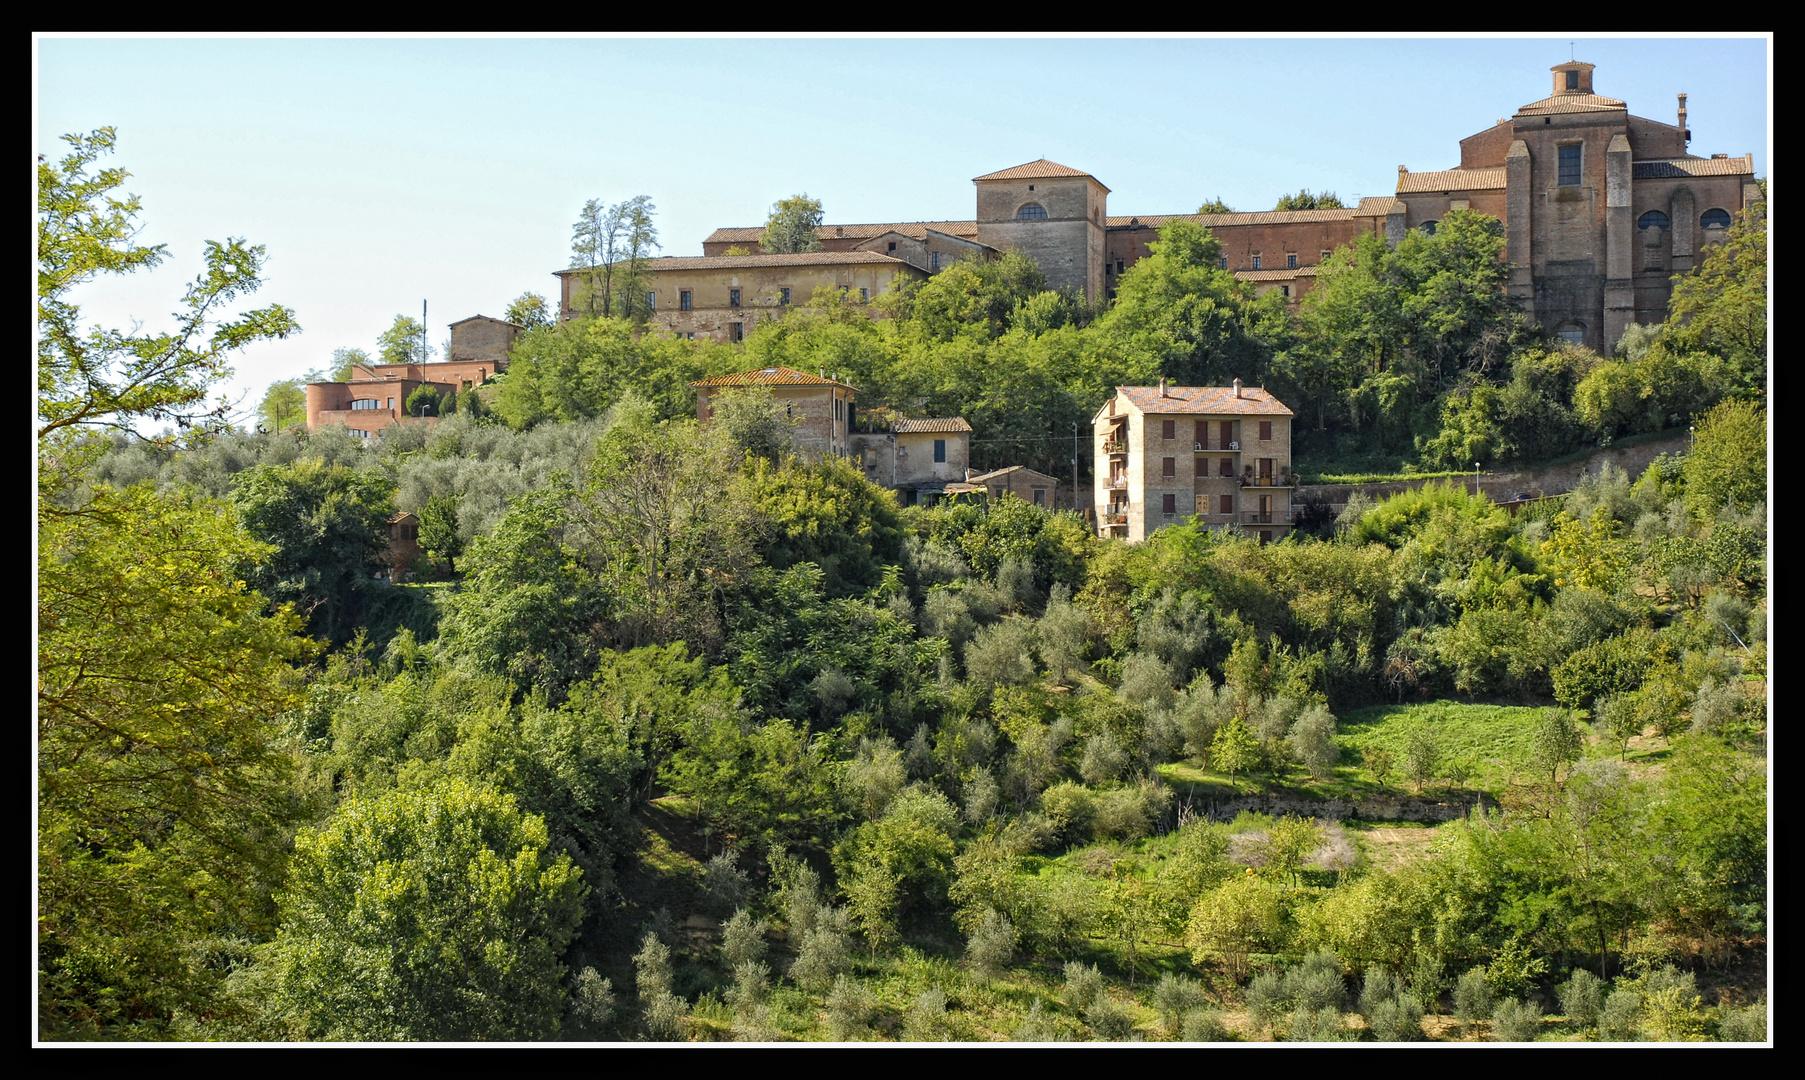 Das grüne Siena